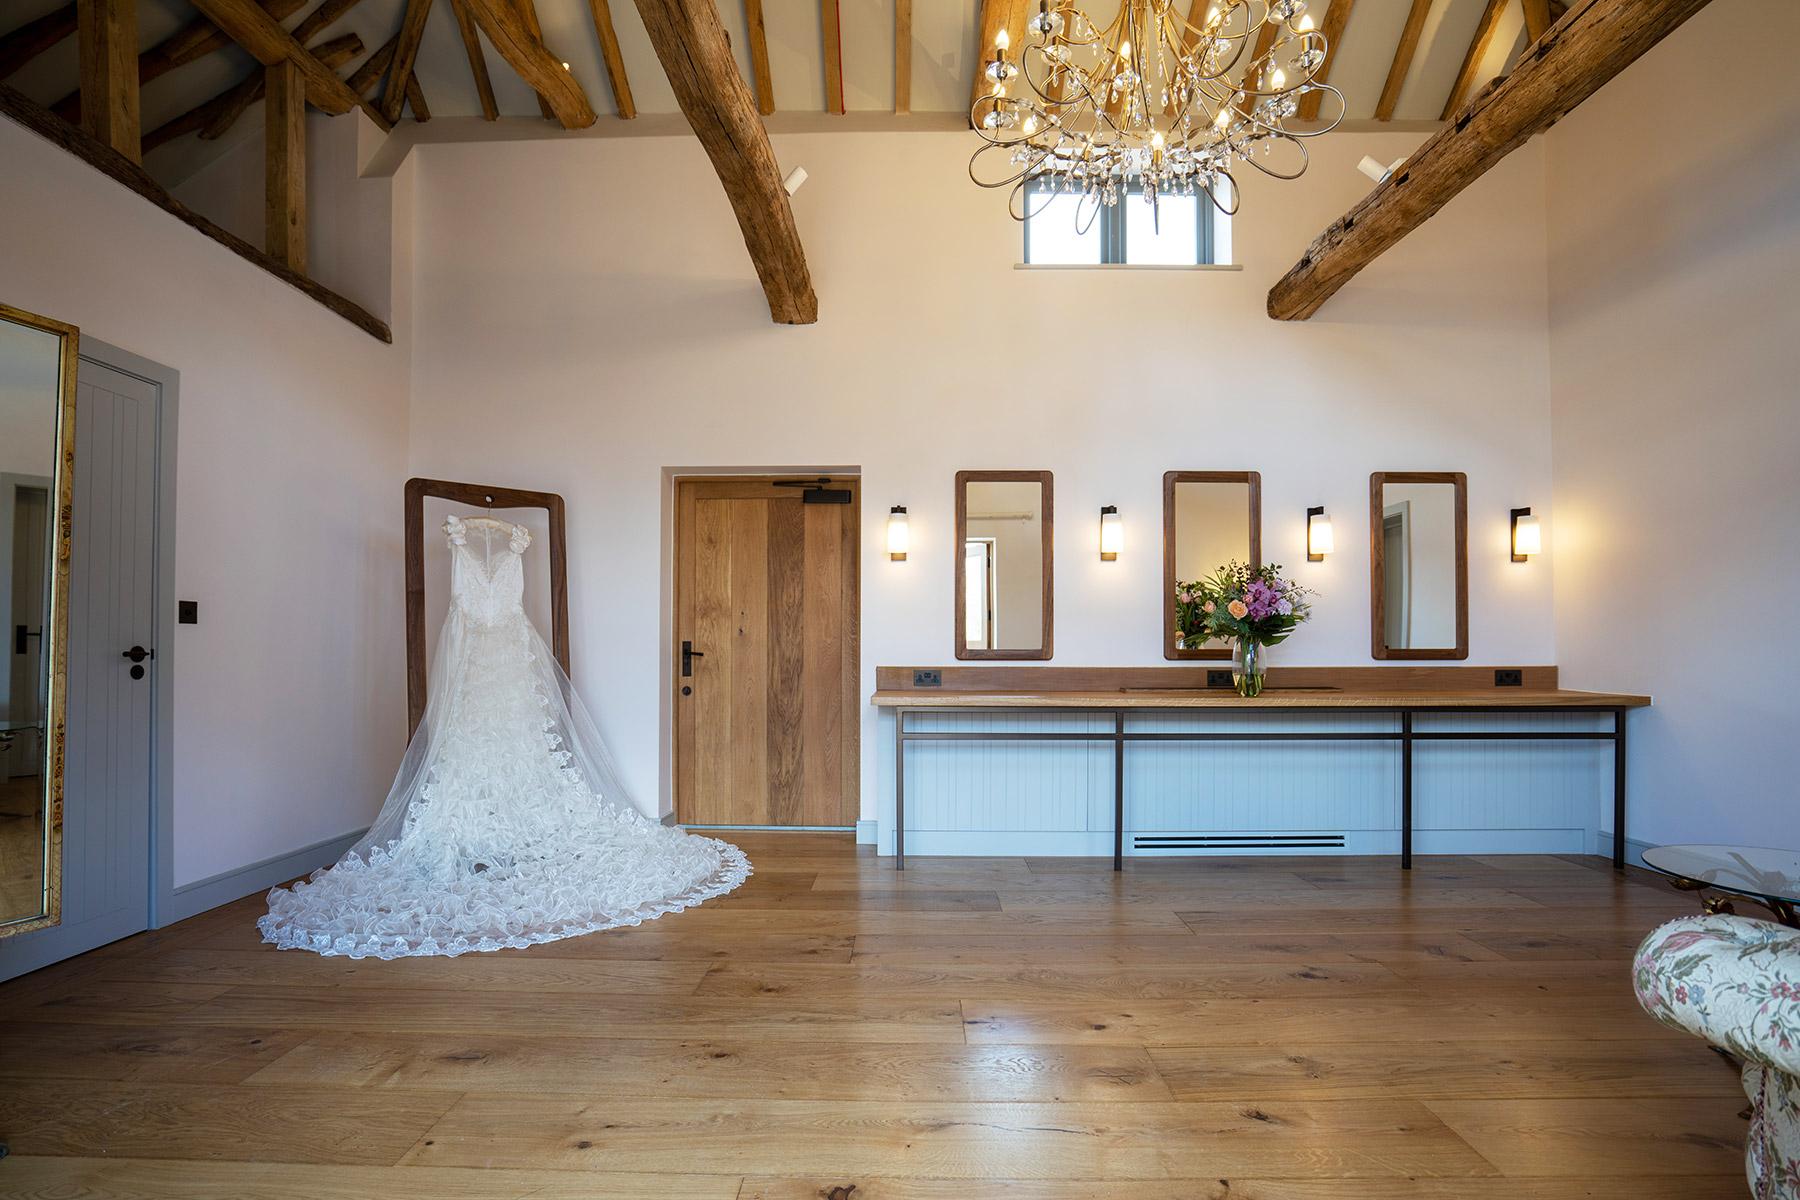 Rackleys Wedding Barn Buckinghamshire Brides Room